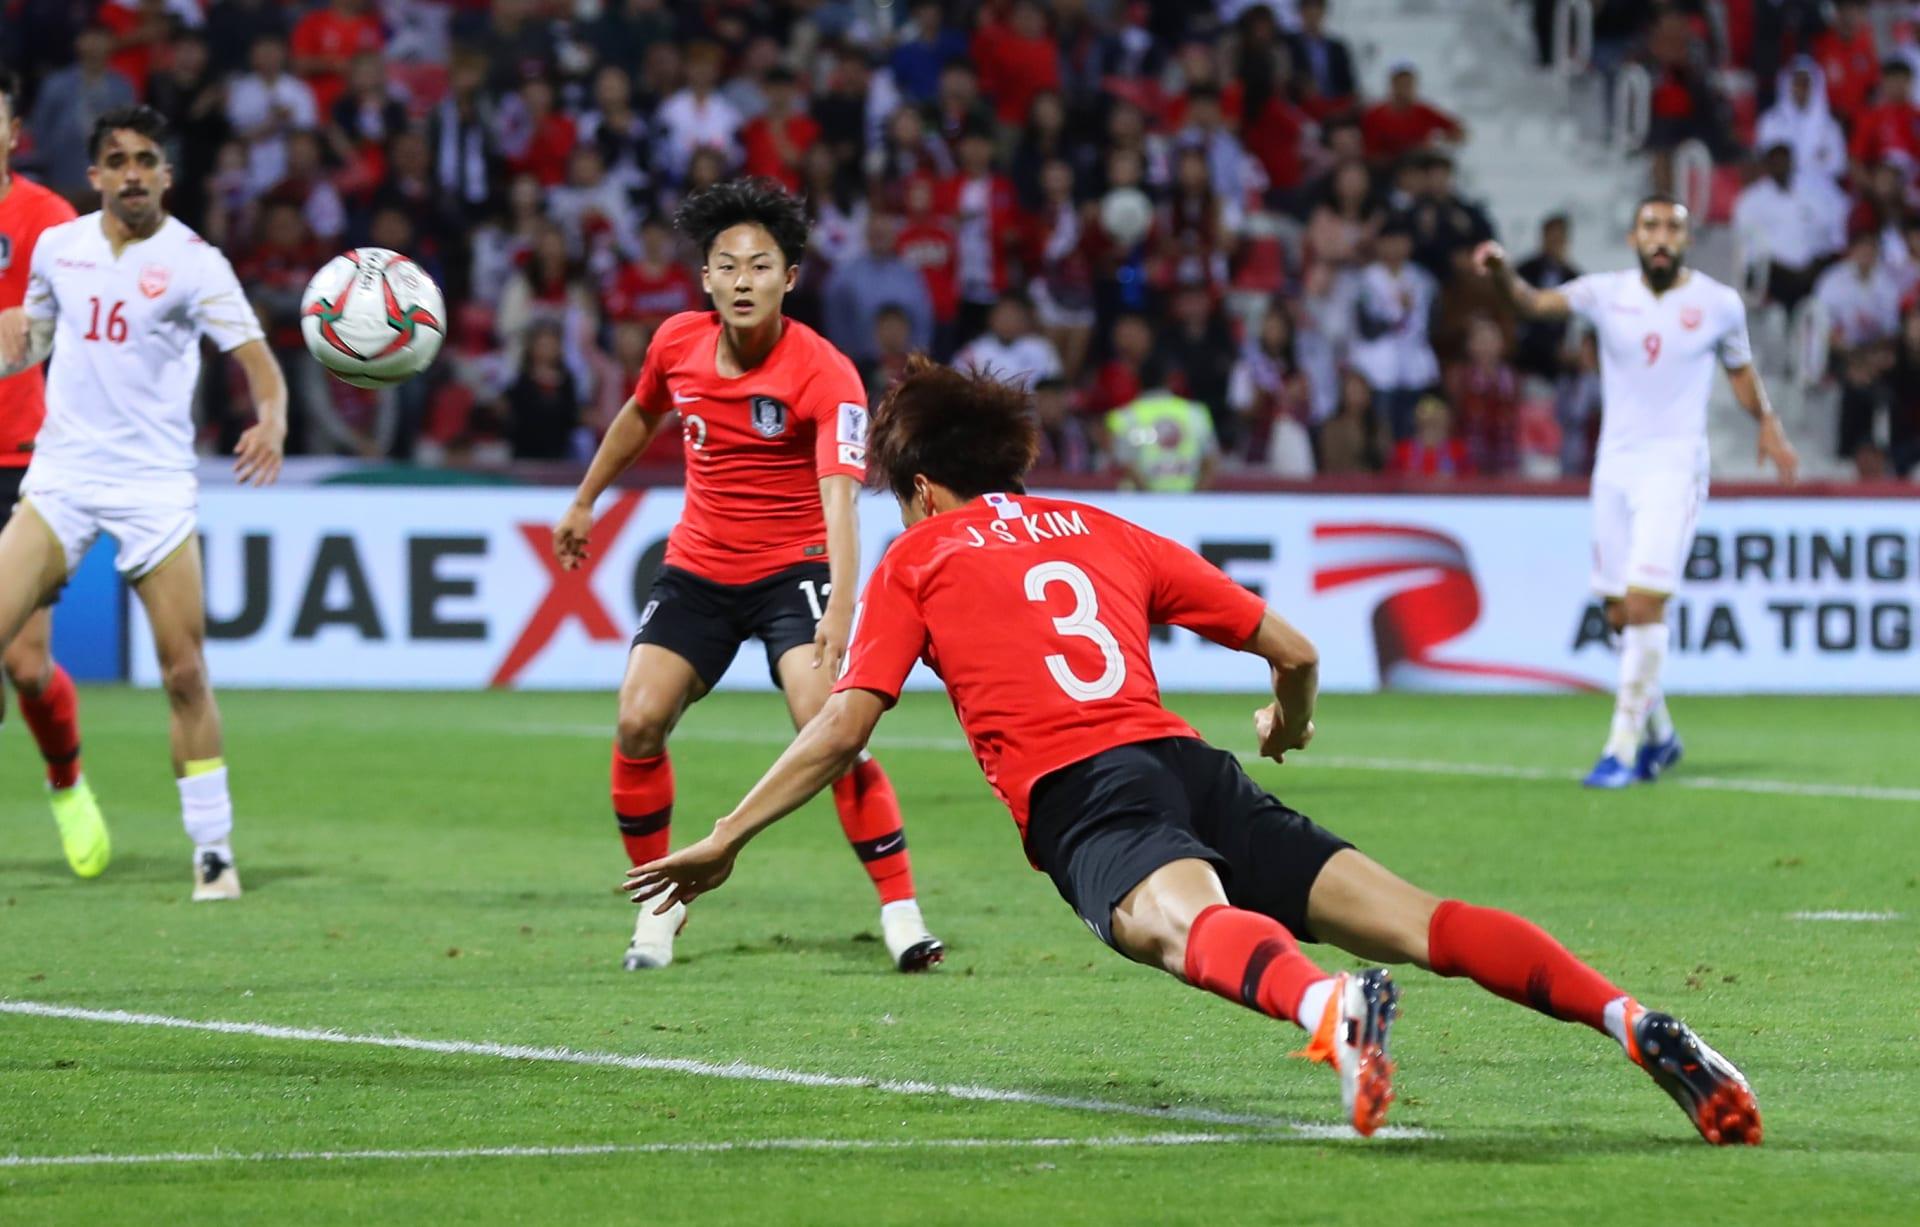 البحرين تلحق بركب المغادرين.. وكوريا الجنوبية إلى ربع النهائي